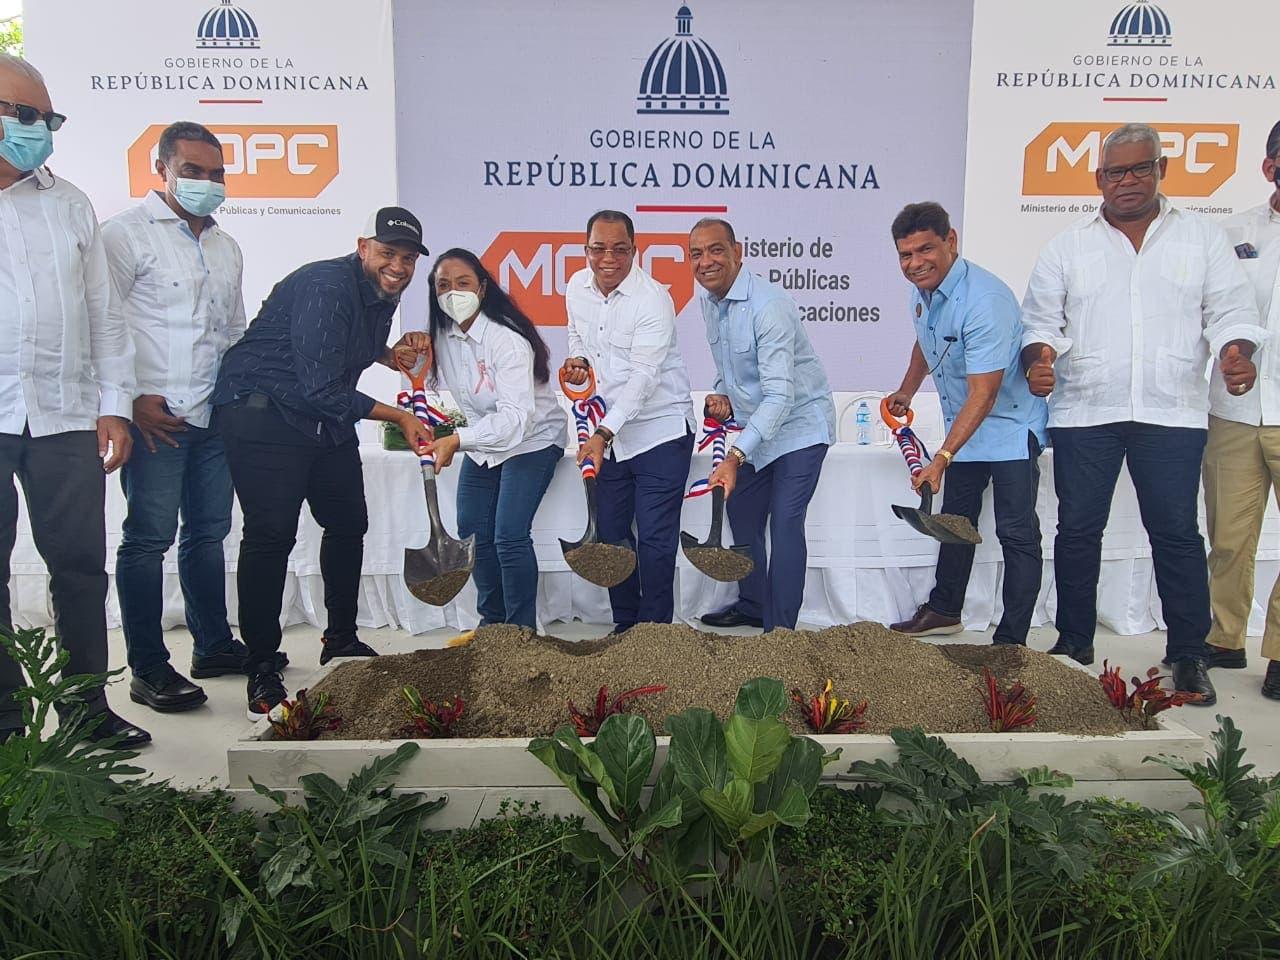 Catalino Correa agradece al Gobierno inicio de obras en su provincia María Trinidad Sánchez